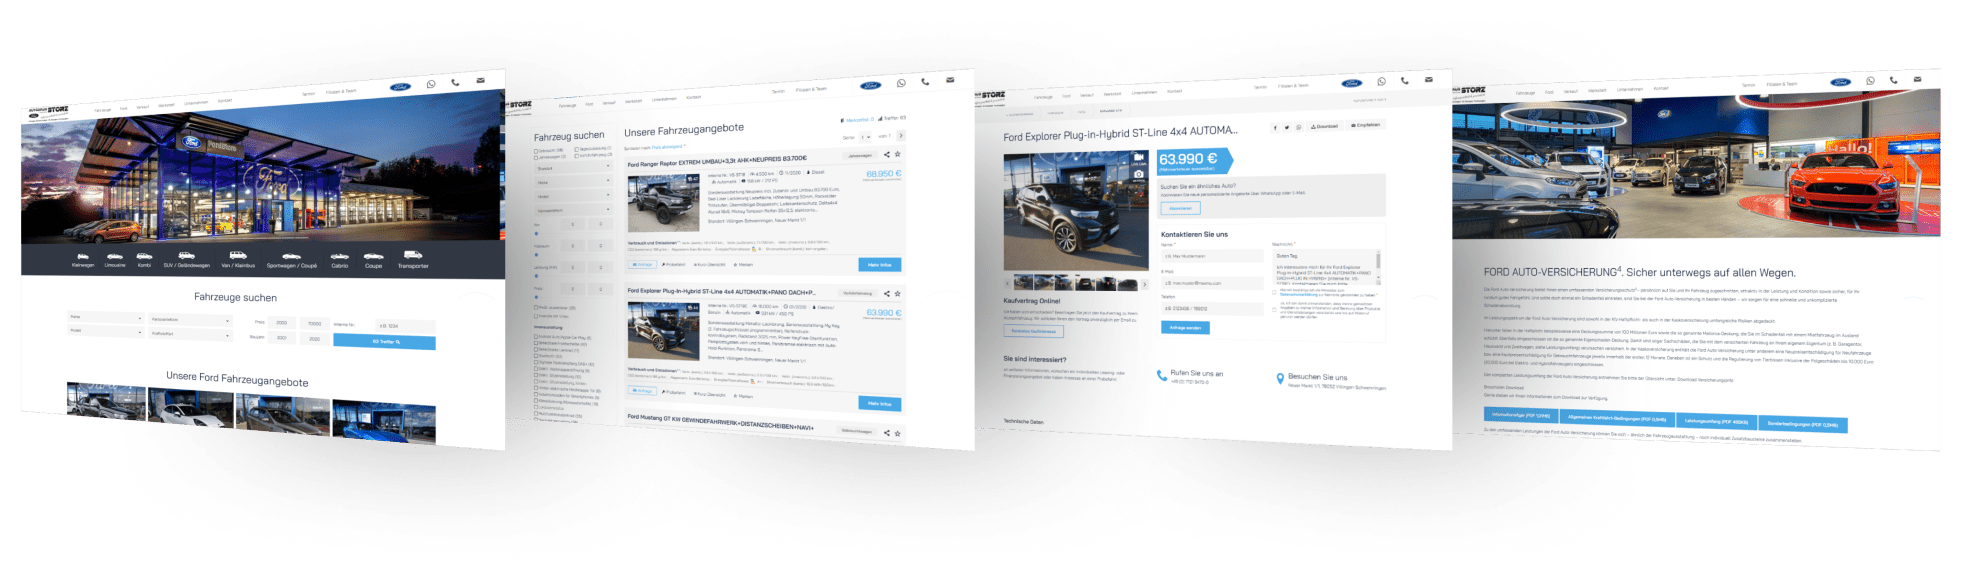 Ford Autohaus Storz - Ford Verkauf und Service in Villingen-Schwenningen, St. Georgen und Furtwangen